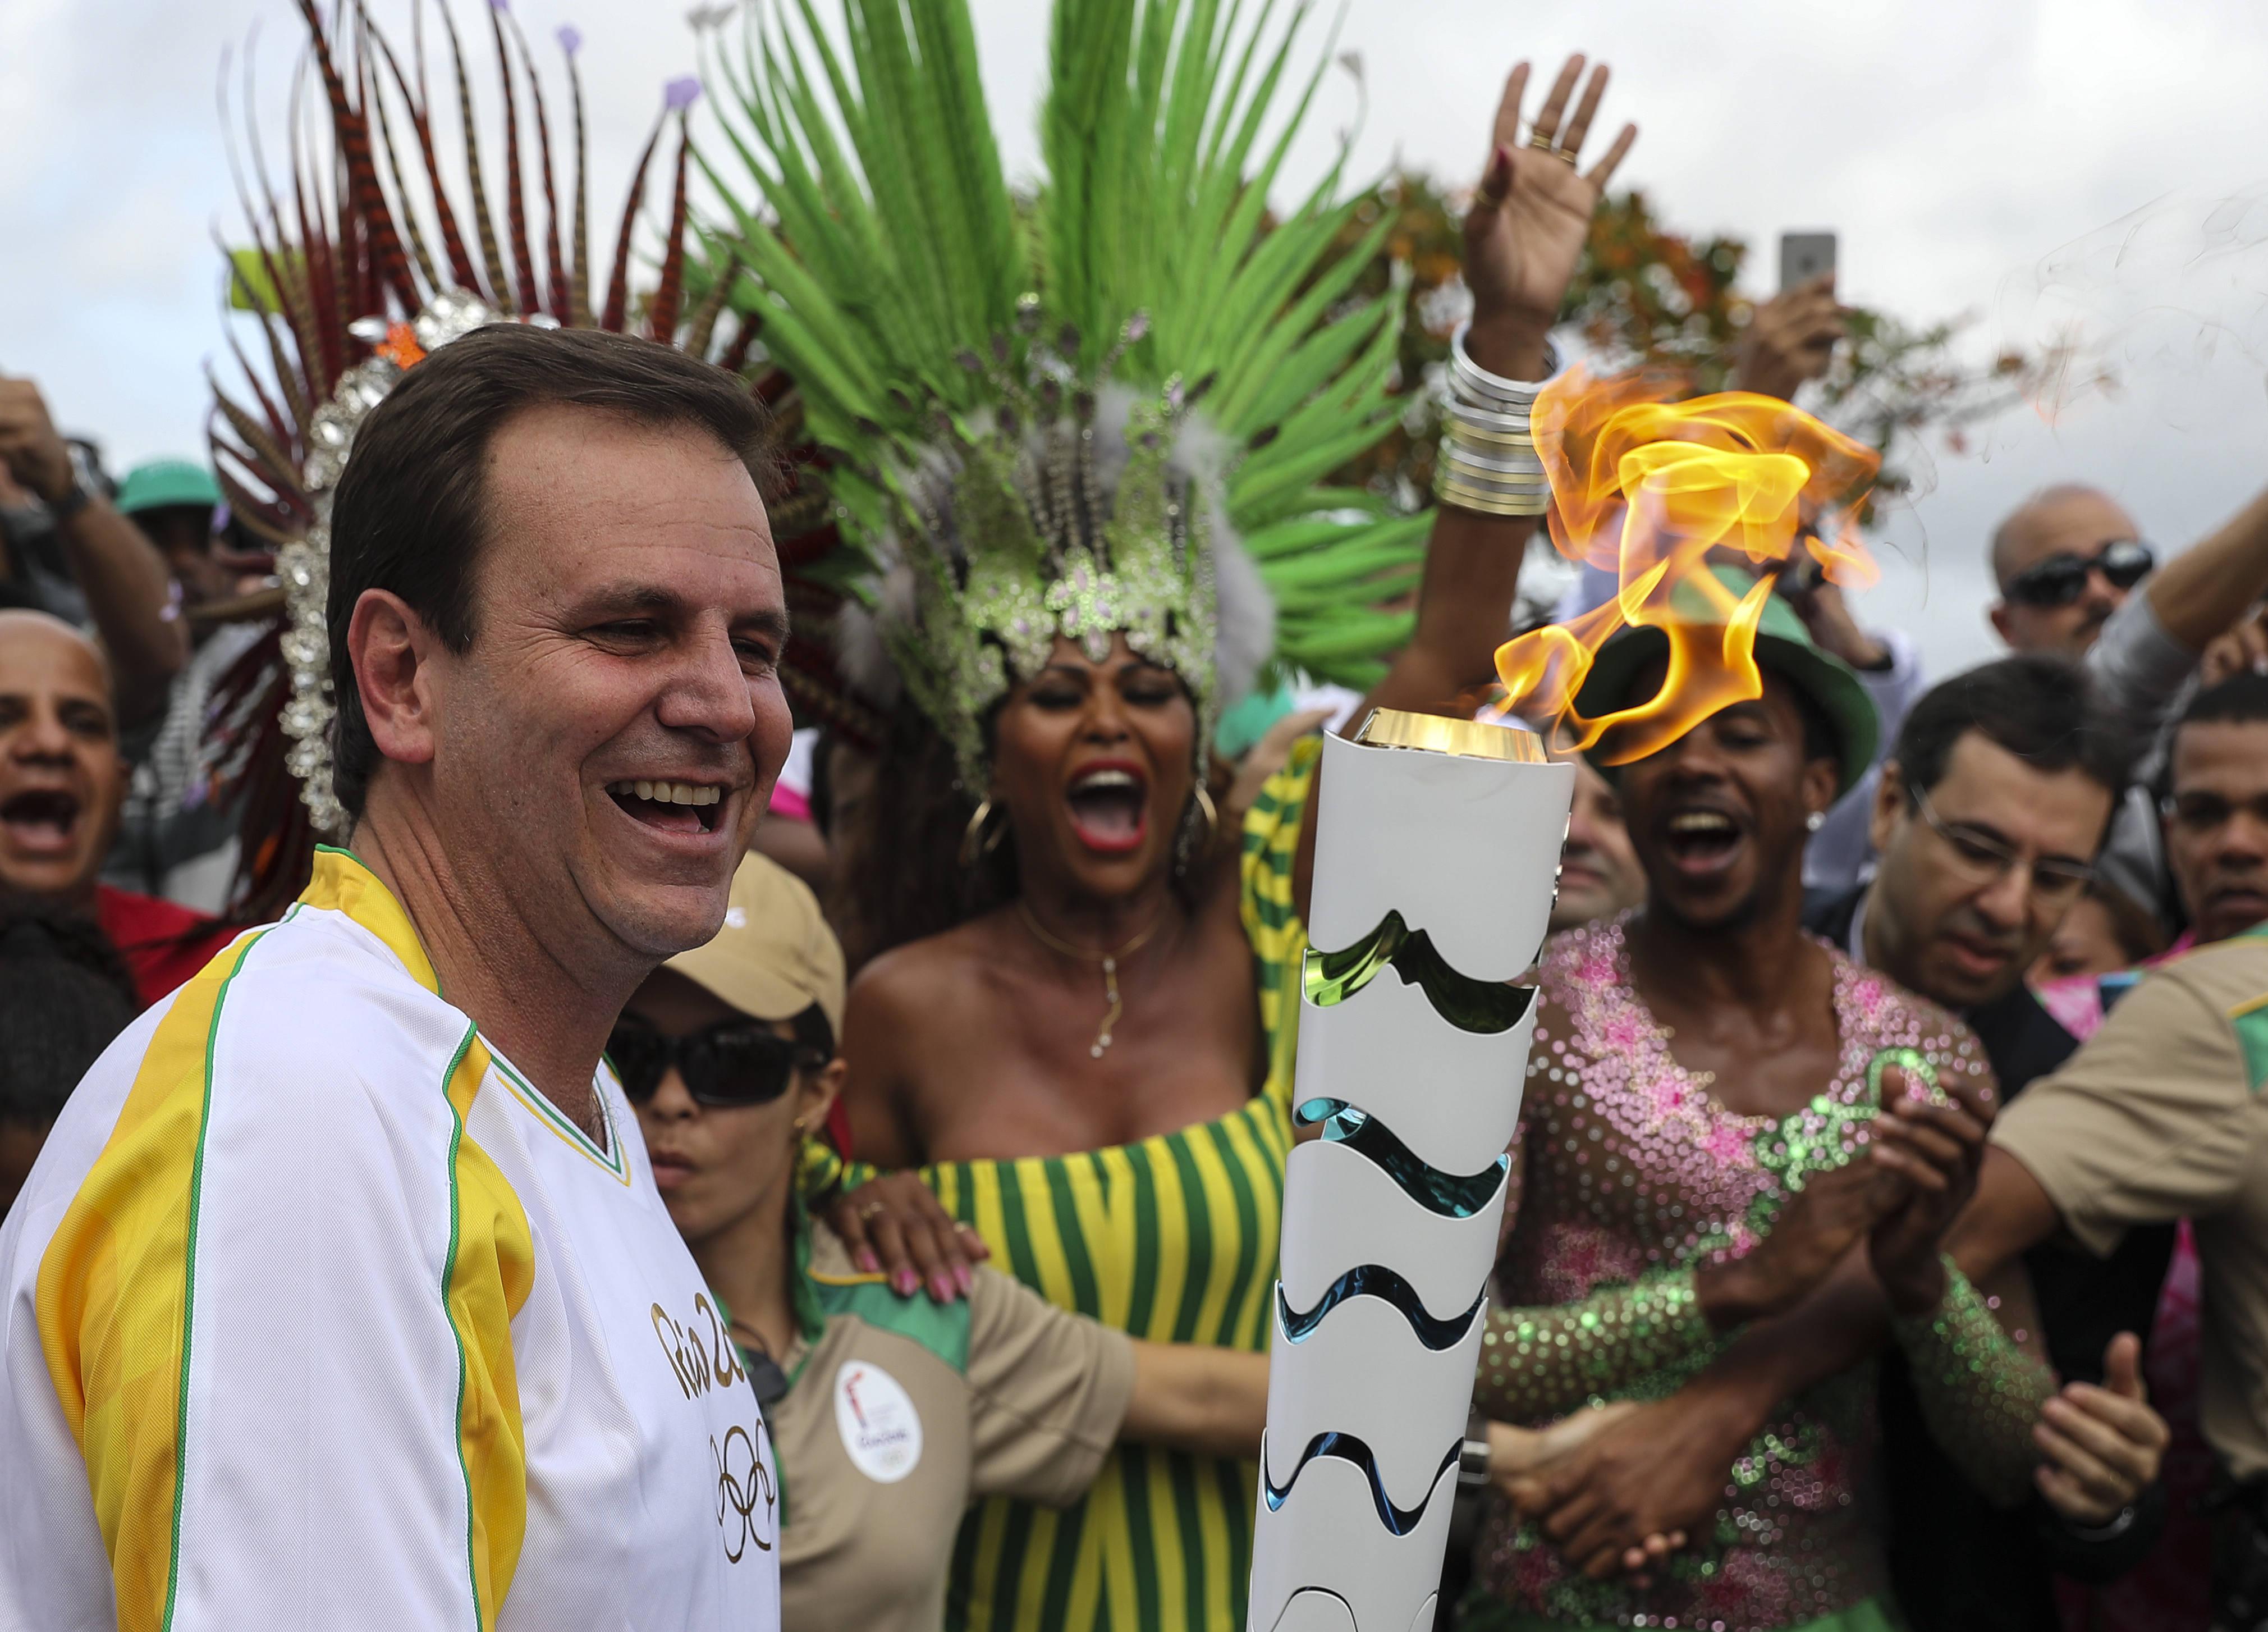 BRA01. RÍO DE JANEIRO (BRASIL), 03/08/16.- El alcalde de Río de Janeiro, Eduardo Paes (i), recibe la antorcha olímpica hoy, miércoles 3 de agosto de 2016, a su llegada en la ciudad de Río de Janeiro (Brasil), sede de los Juegos Olímpicos que empiezan el viernes 5 de agosto. EFE/ Antonio Lacerda